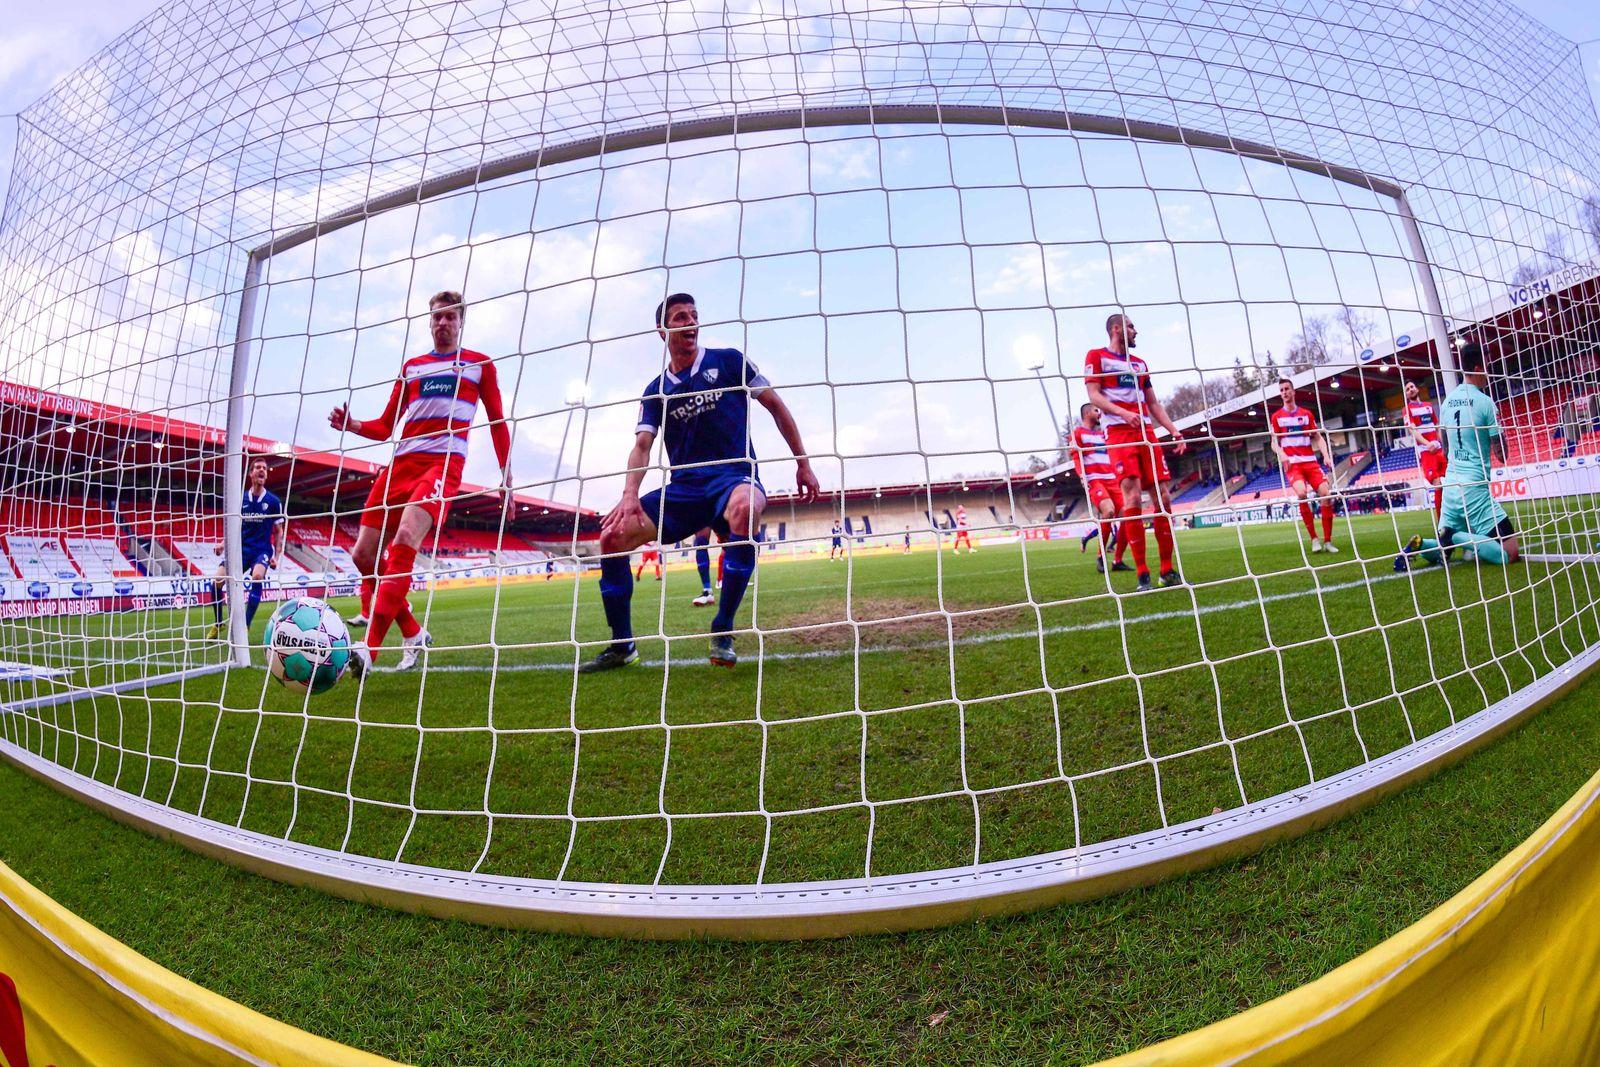 Fußball 2. Bundesliga 30. Spieltag 1. FC Heidenheim - VfL Bochum am 21.04.2021 in der Voith-Arena in Heidenheim Tor zum